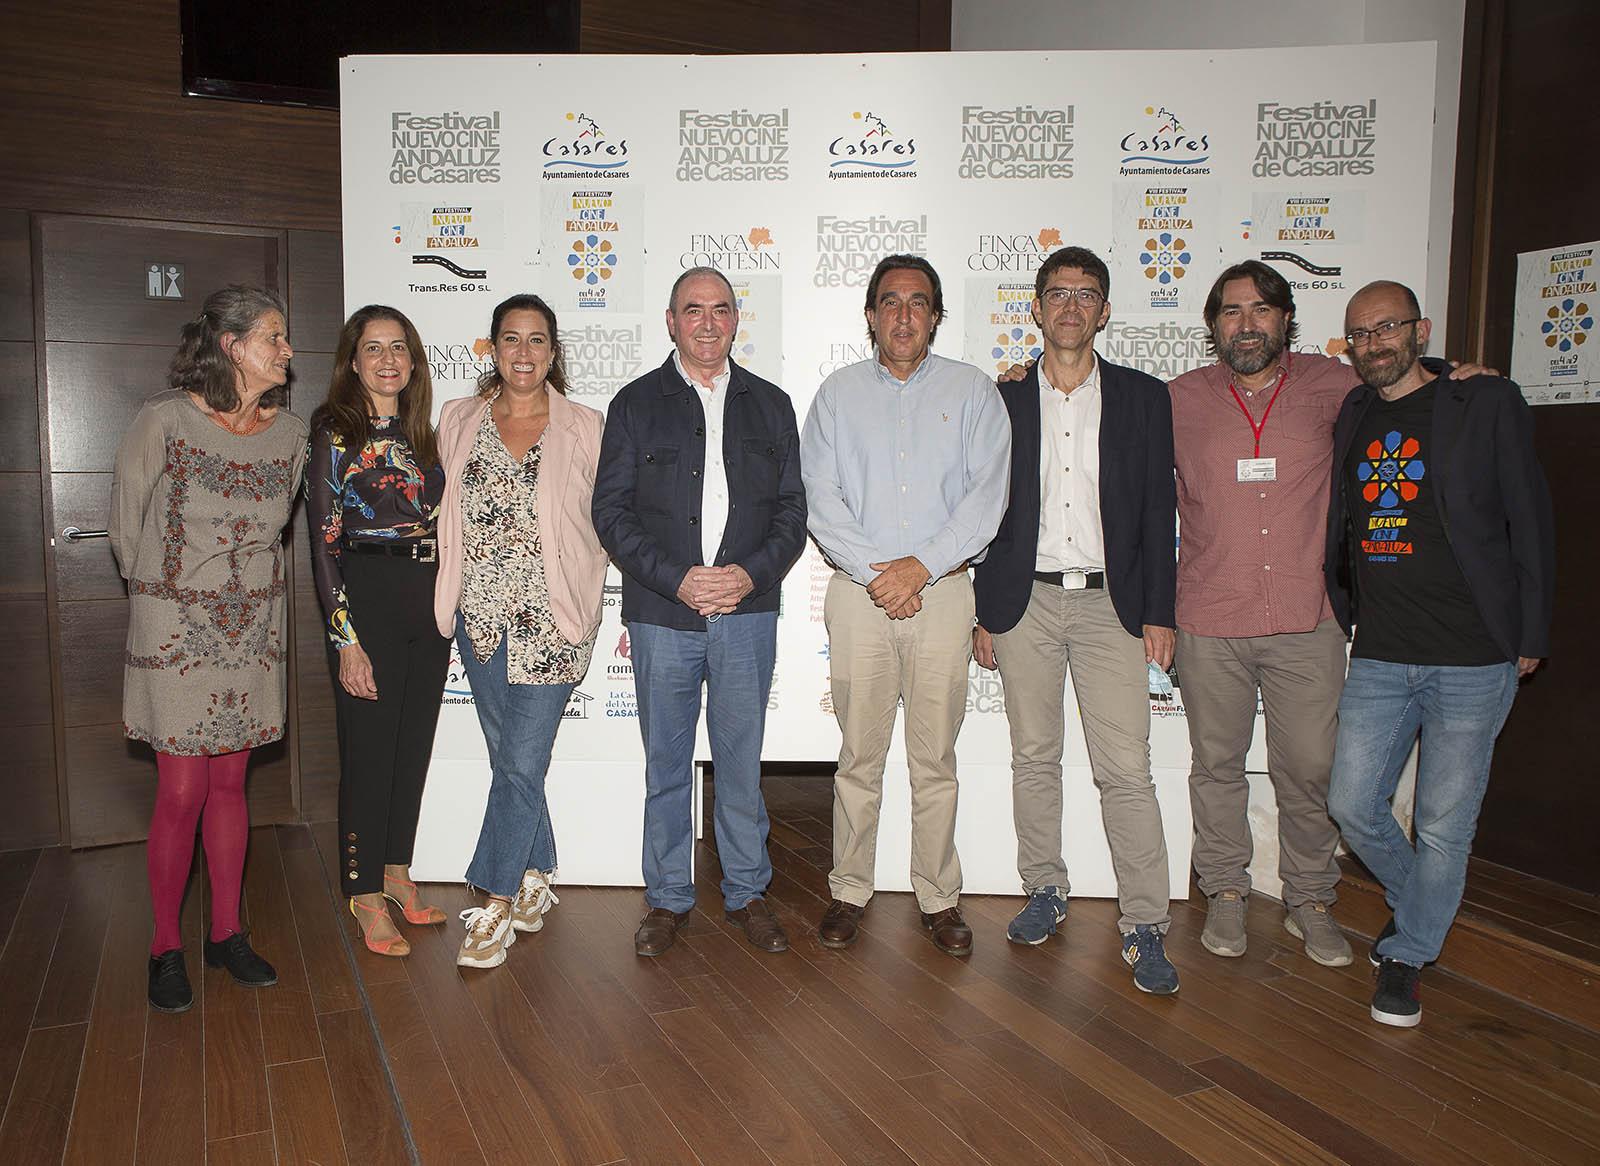 El ayuntamiento de Casares, principal patrocinador, y Finca Cortesín, patrocinador oficial del VIII Festival Nuevo Cine Andaluz de Casares 2021